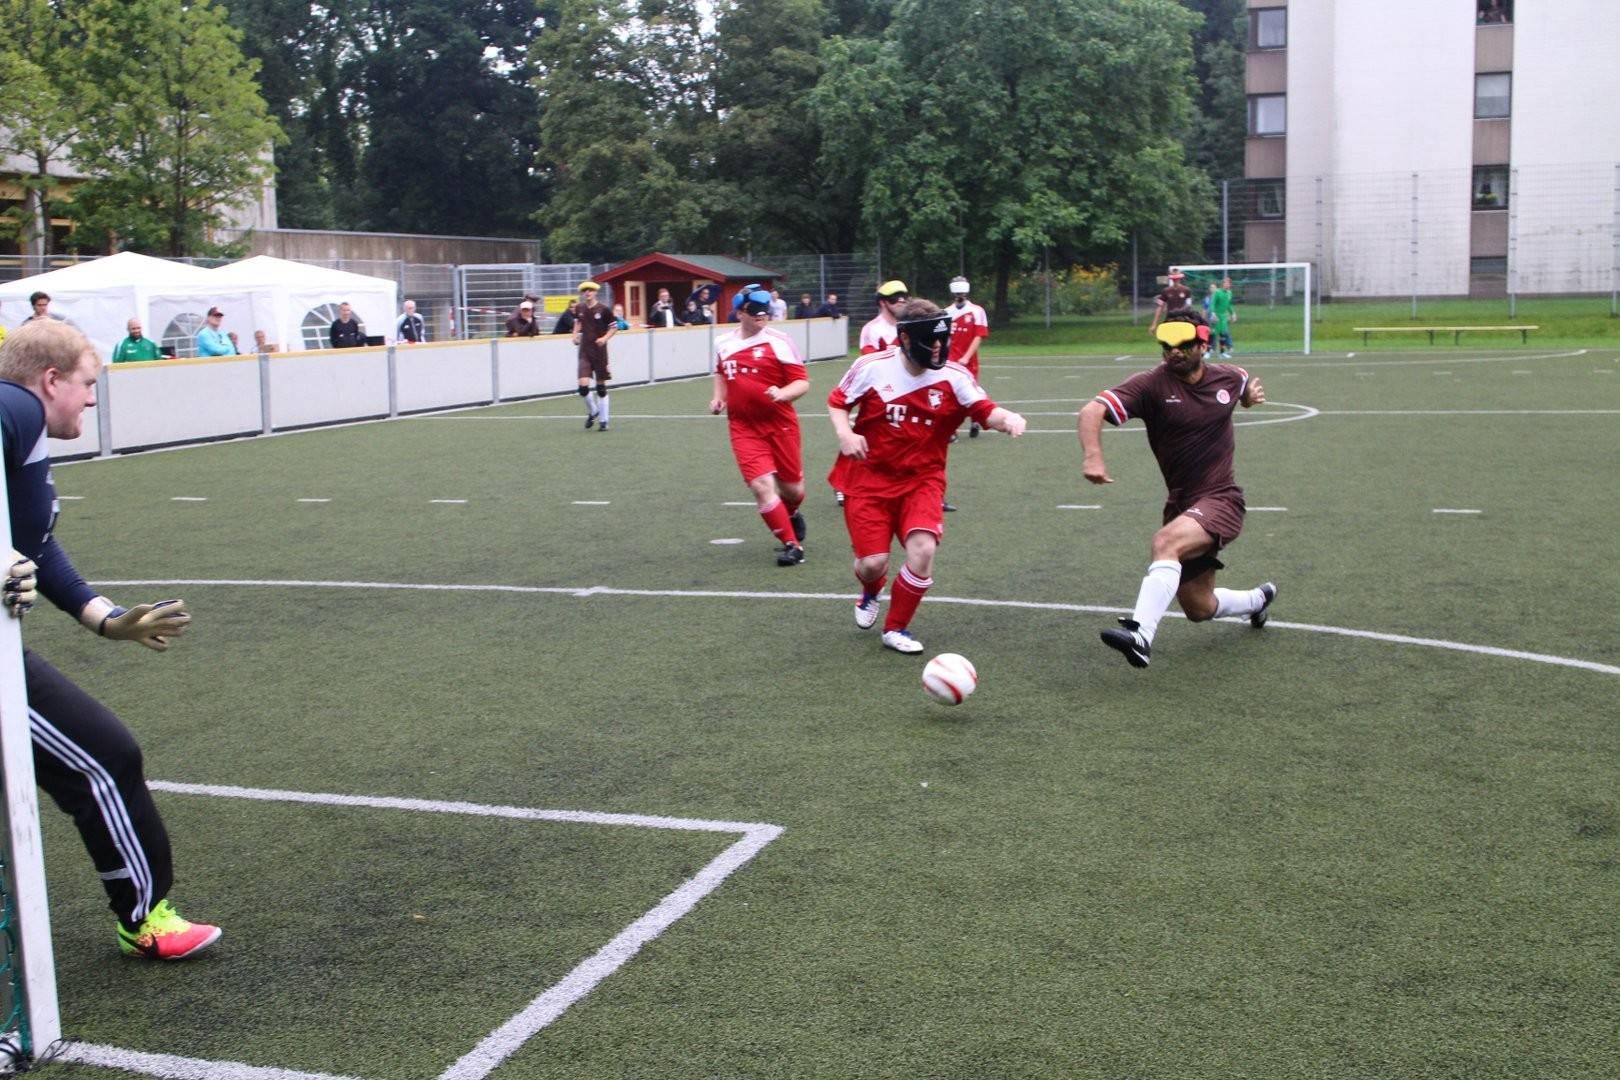 Serdal Celebi (FC St. Pauli) schießt aufs Tor, Manuel Beck (Würzburg) versucht erfolglos den Schuss zu verhindern